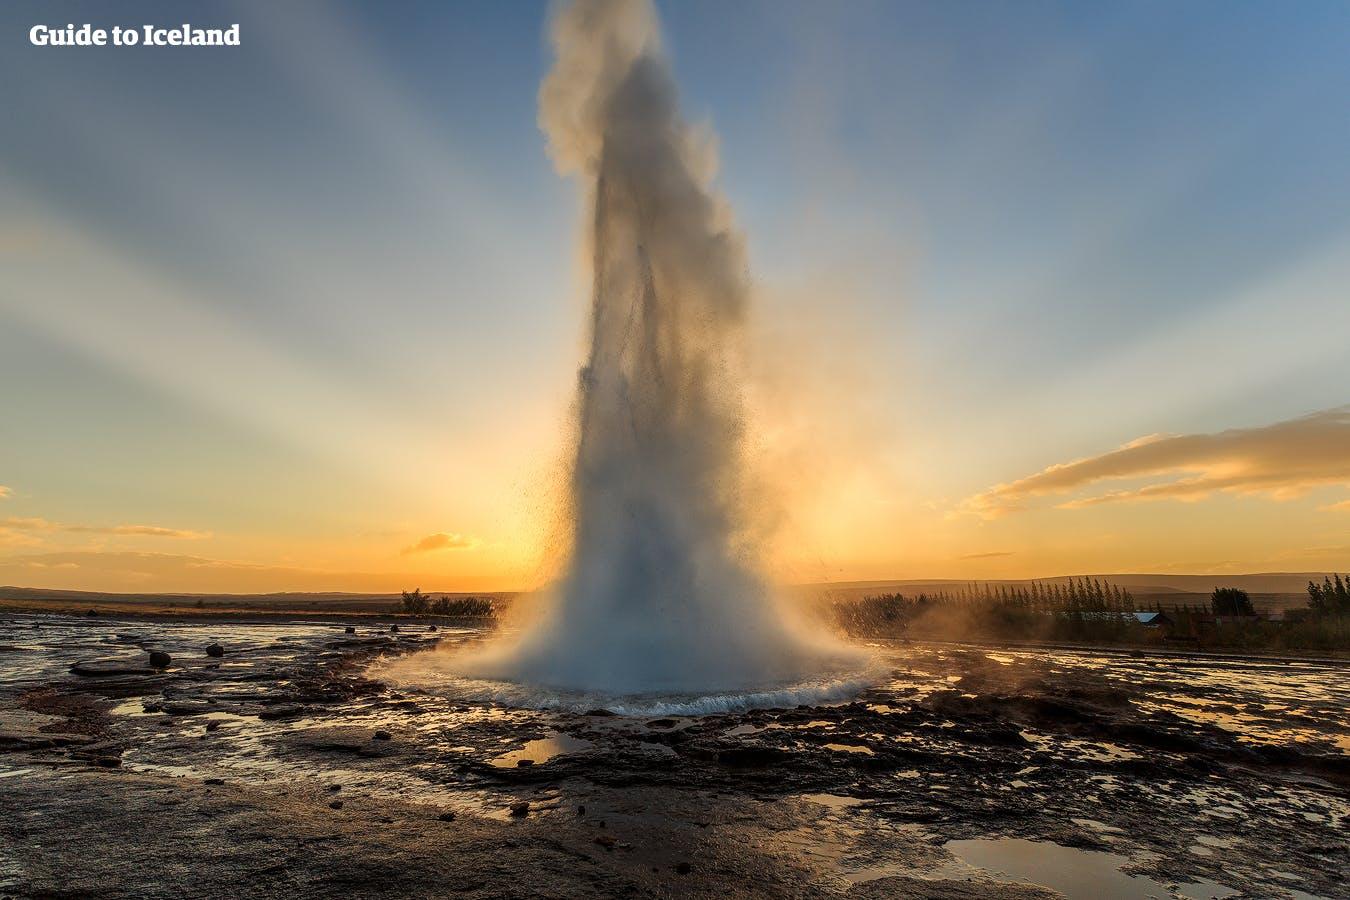 冰岛最著名的水景—盖歇尔地热区的史托克Strokkur间歇泉